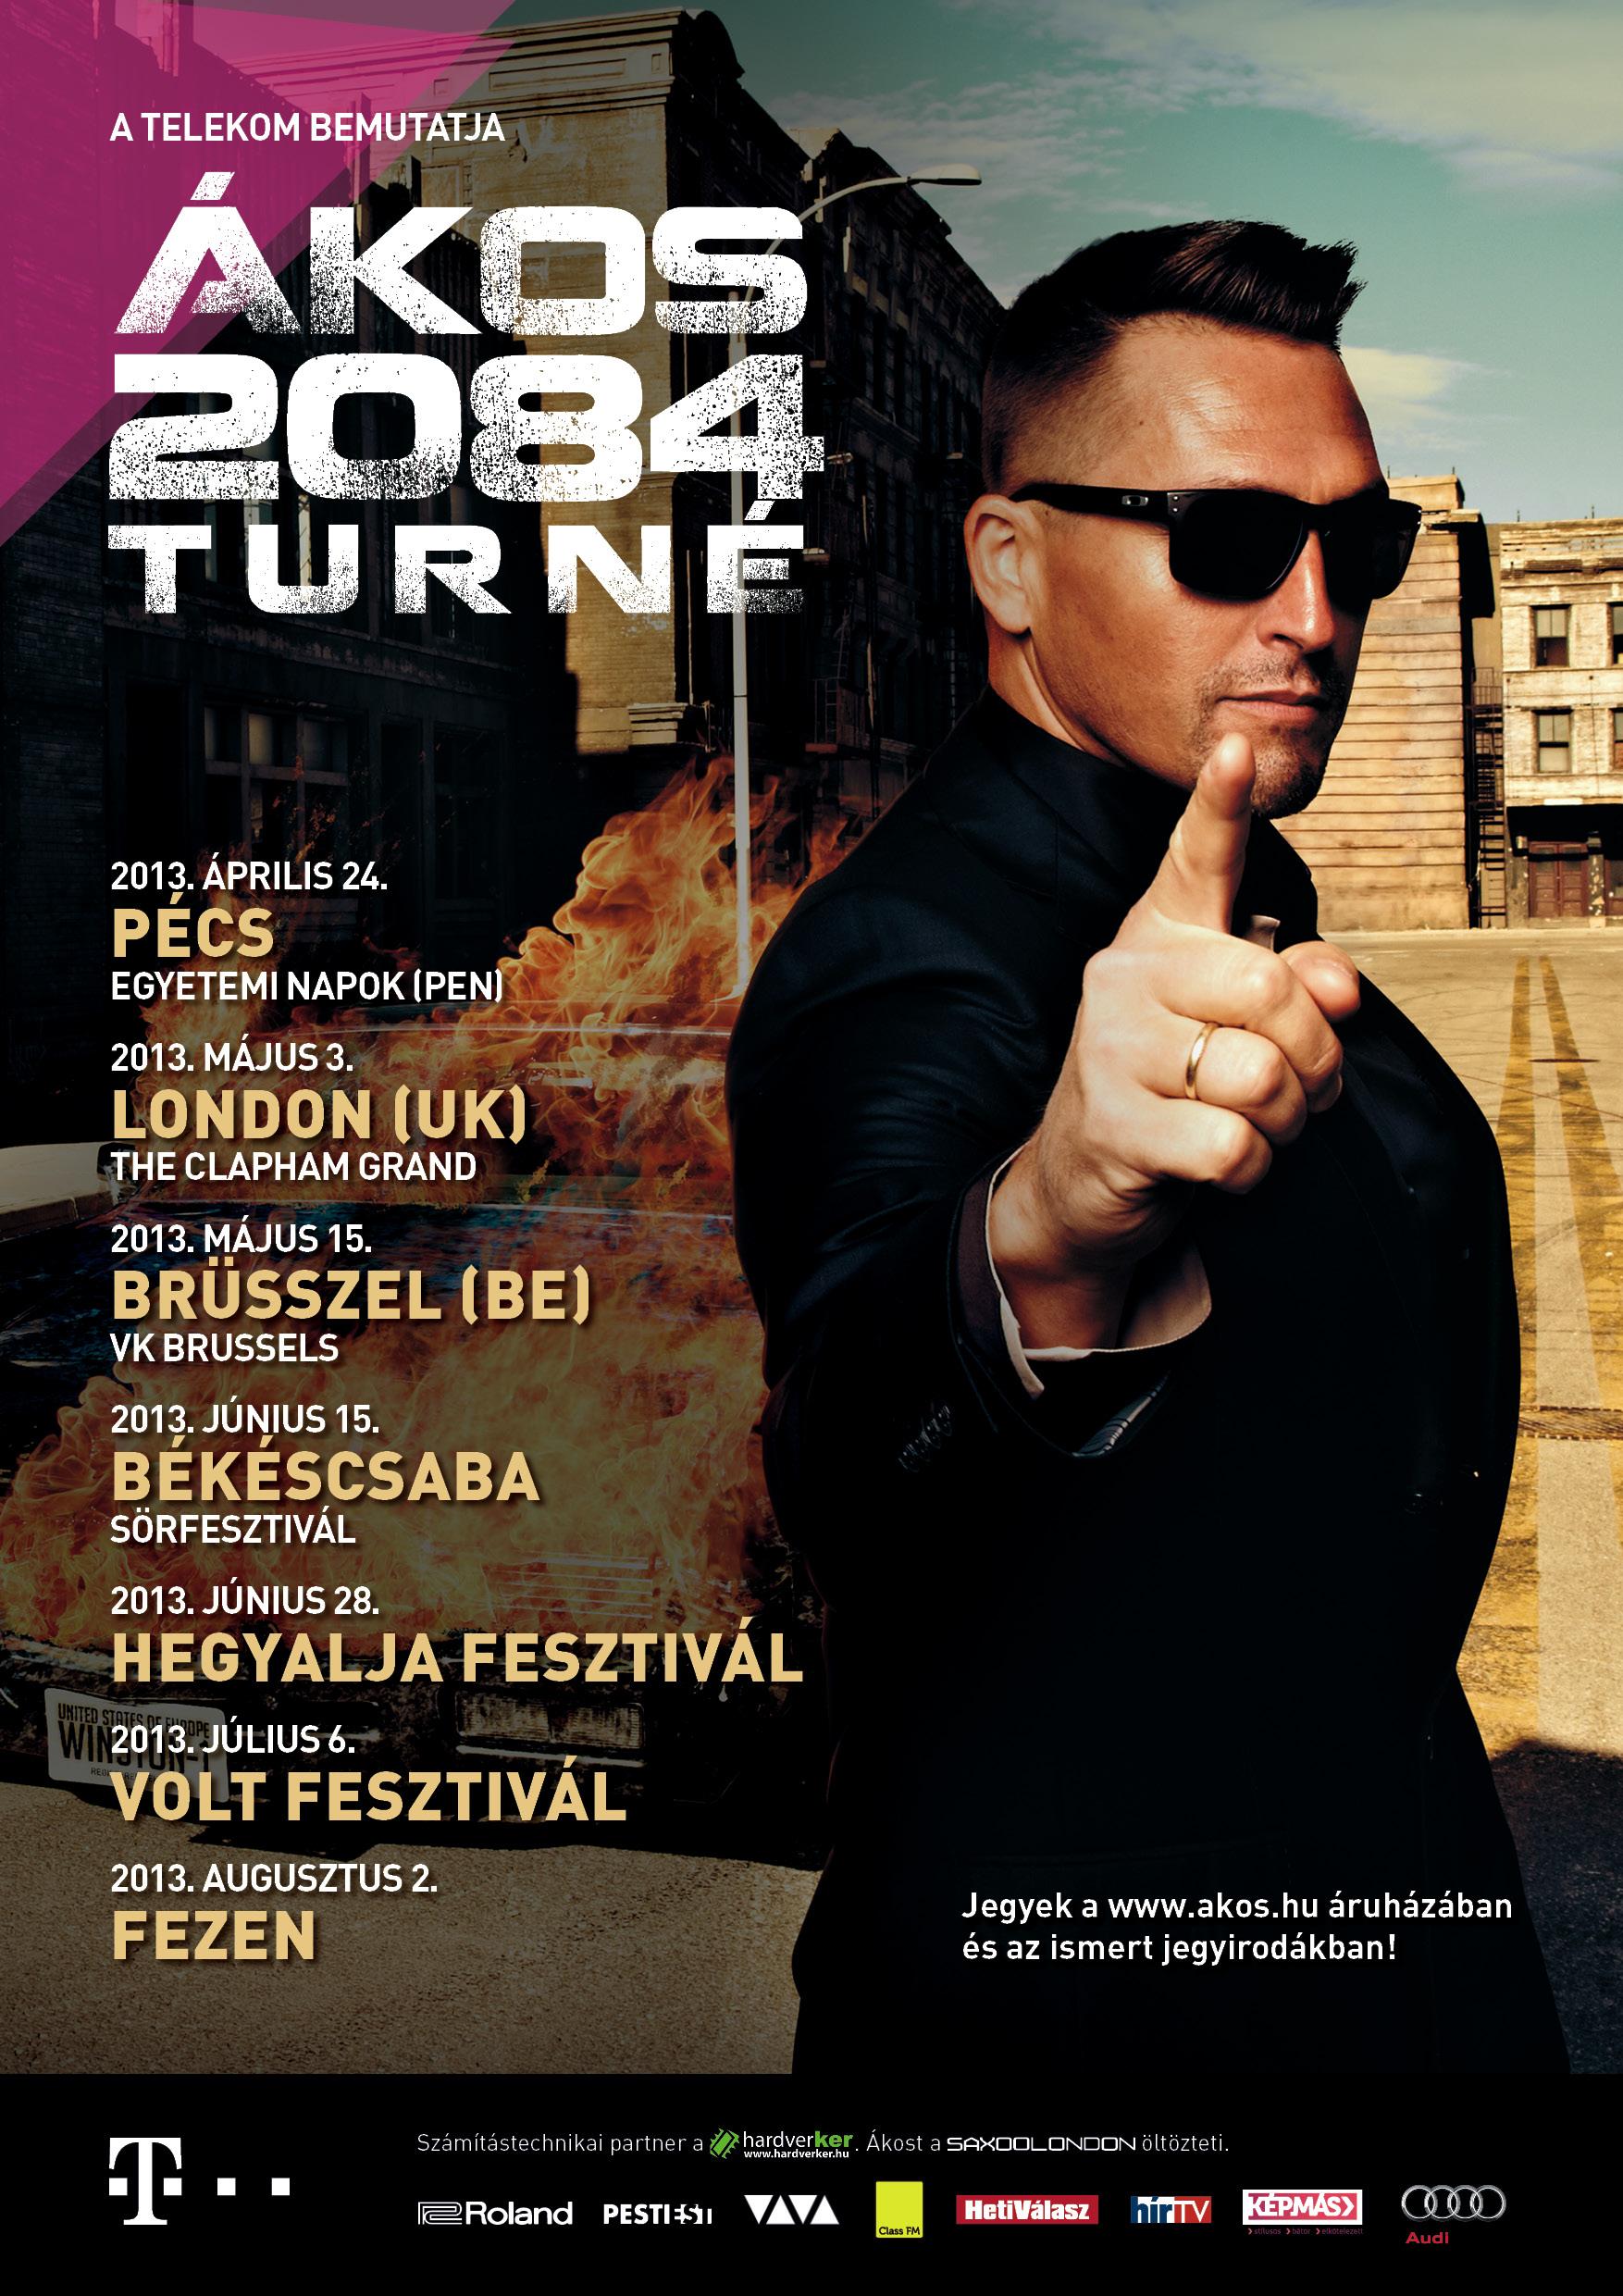 2084 - Plakat A3 - turne helyszinek - TCOM